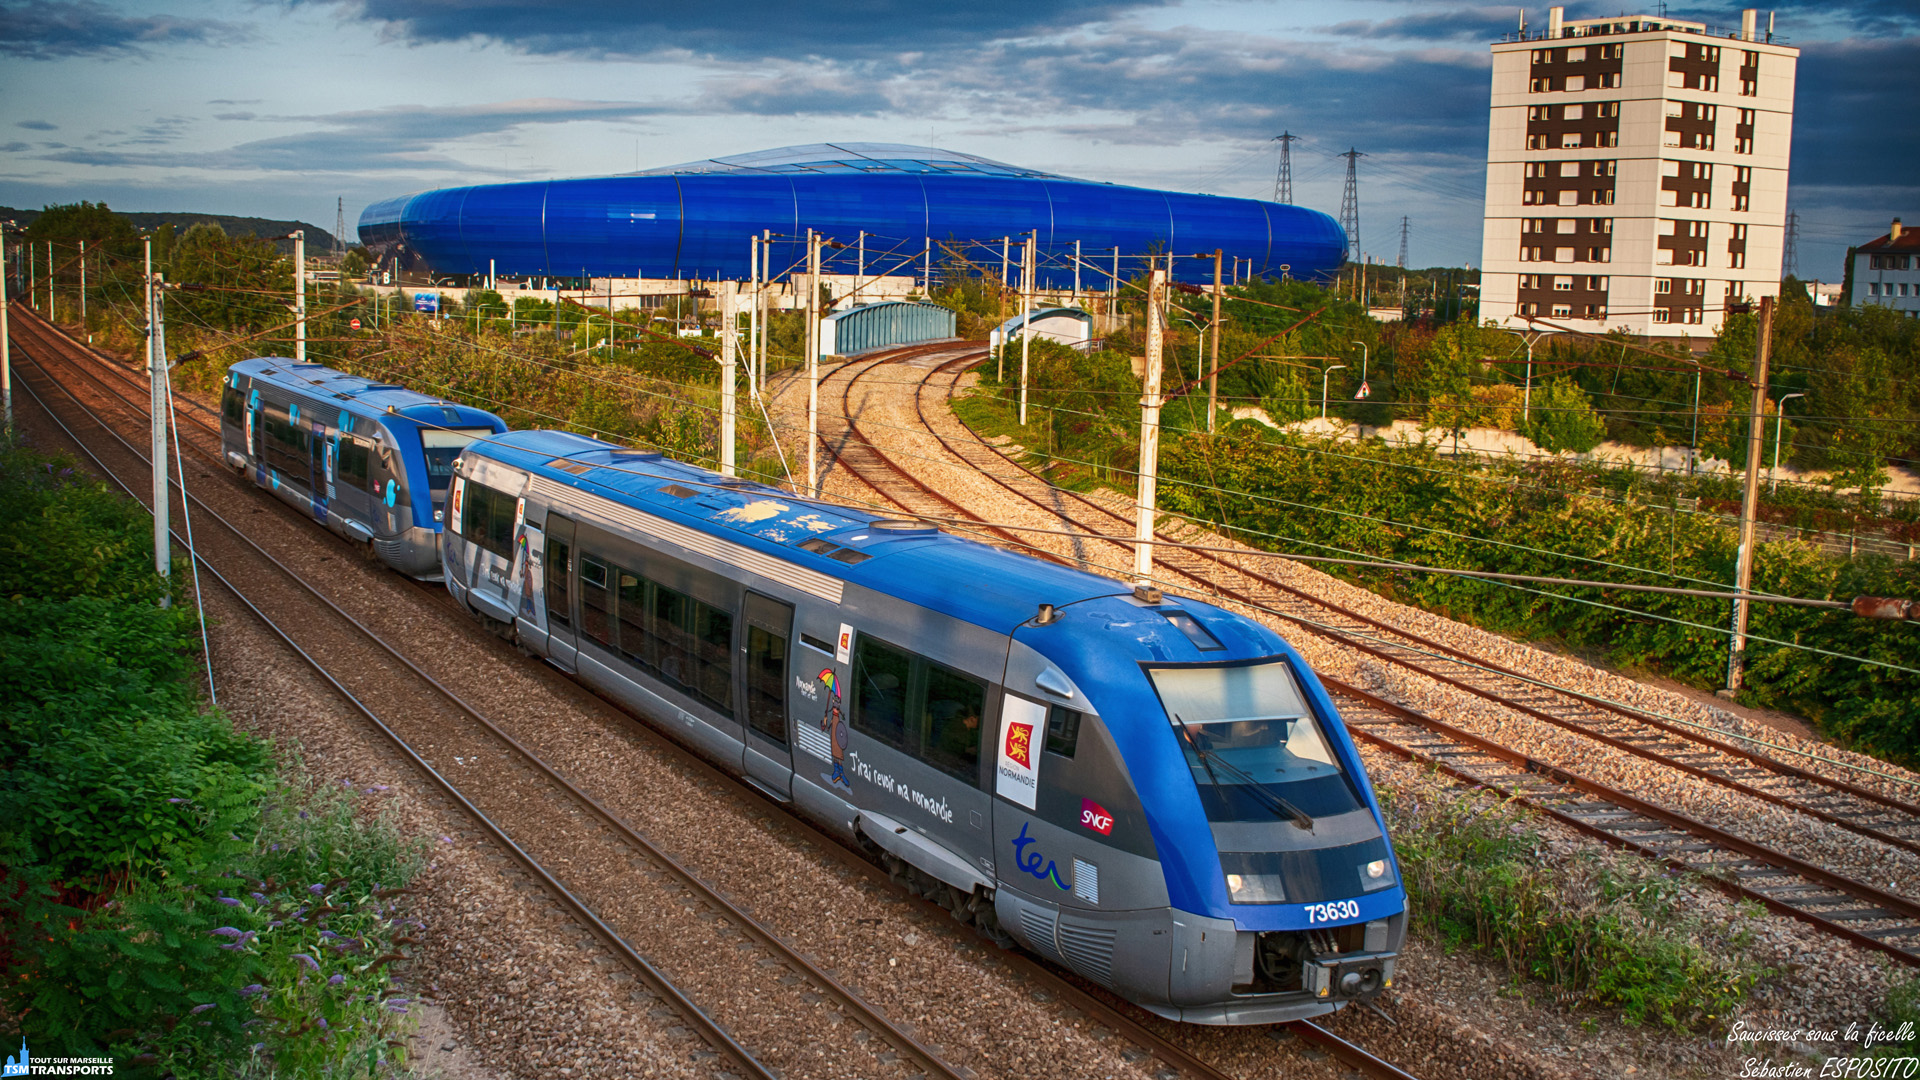 Sur fond de stade Océane, cette UM de X73500 reviens de Rolleville et file vers Le Havre, son terminus. . C'est sur cette photo que la semaine dédiée aux transports du Havre et sa région se termine, il y aura bien sûr d'autres photos à l'avenir. . ℹ️ Alstom X73500 (X73630 + X73xxx) en UM. . 📍Rue Auguste Blanqui, 76600 Le Havre, France. . ↔️ TER 850273 : Rolleville - Le Havre. . 🏟️ Stade Océane. . 📸 Nikon D5600. . 📷 Nikkor 18-55mm. . 📅 31 Juillet 2019 à 20:43. . 👨 Sébastien ESPOSITO en spot avec @killian_chapelle , @gwen_ha_du76  et @transports_normands .